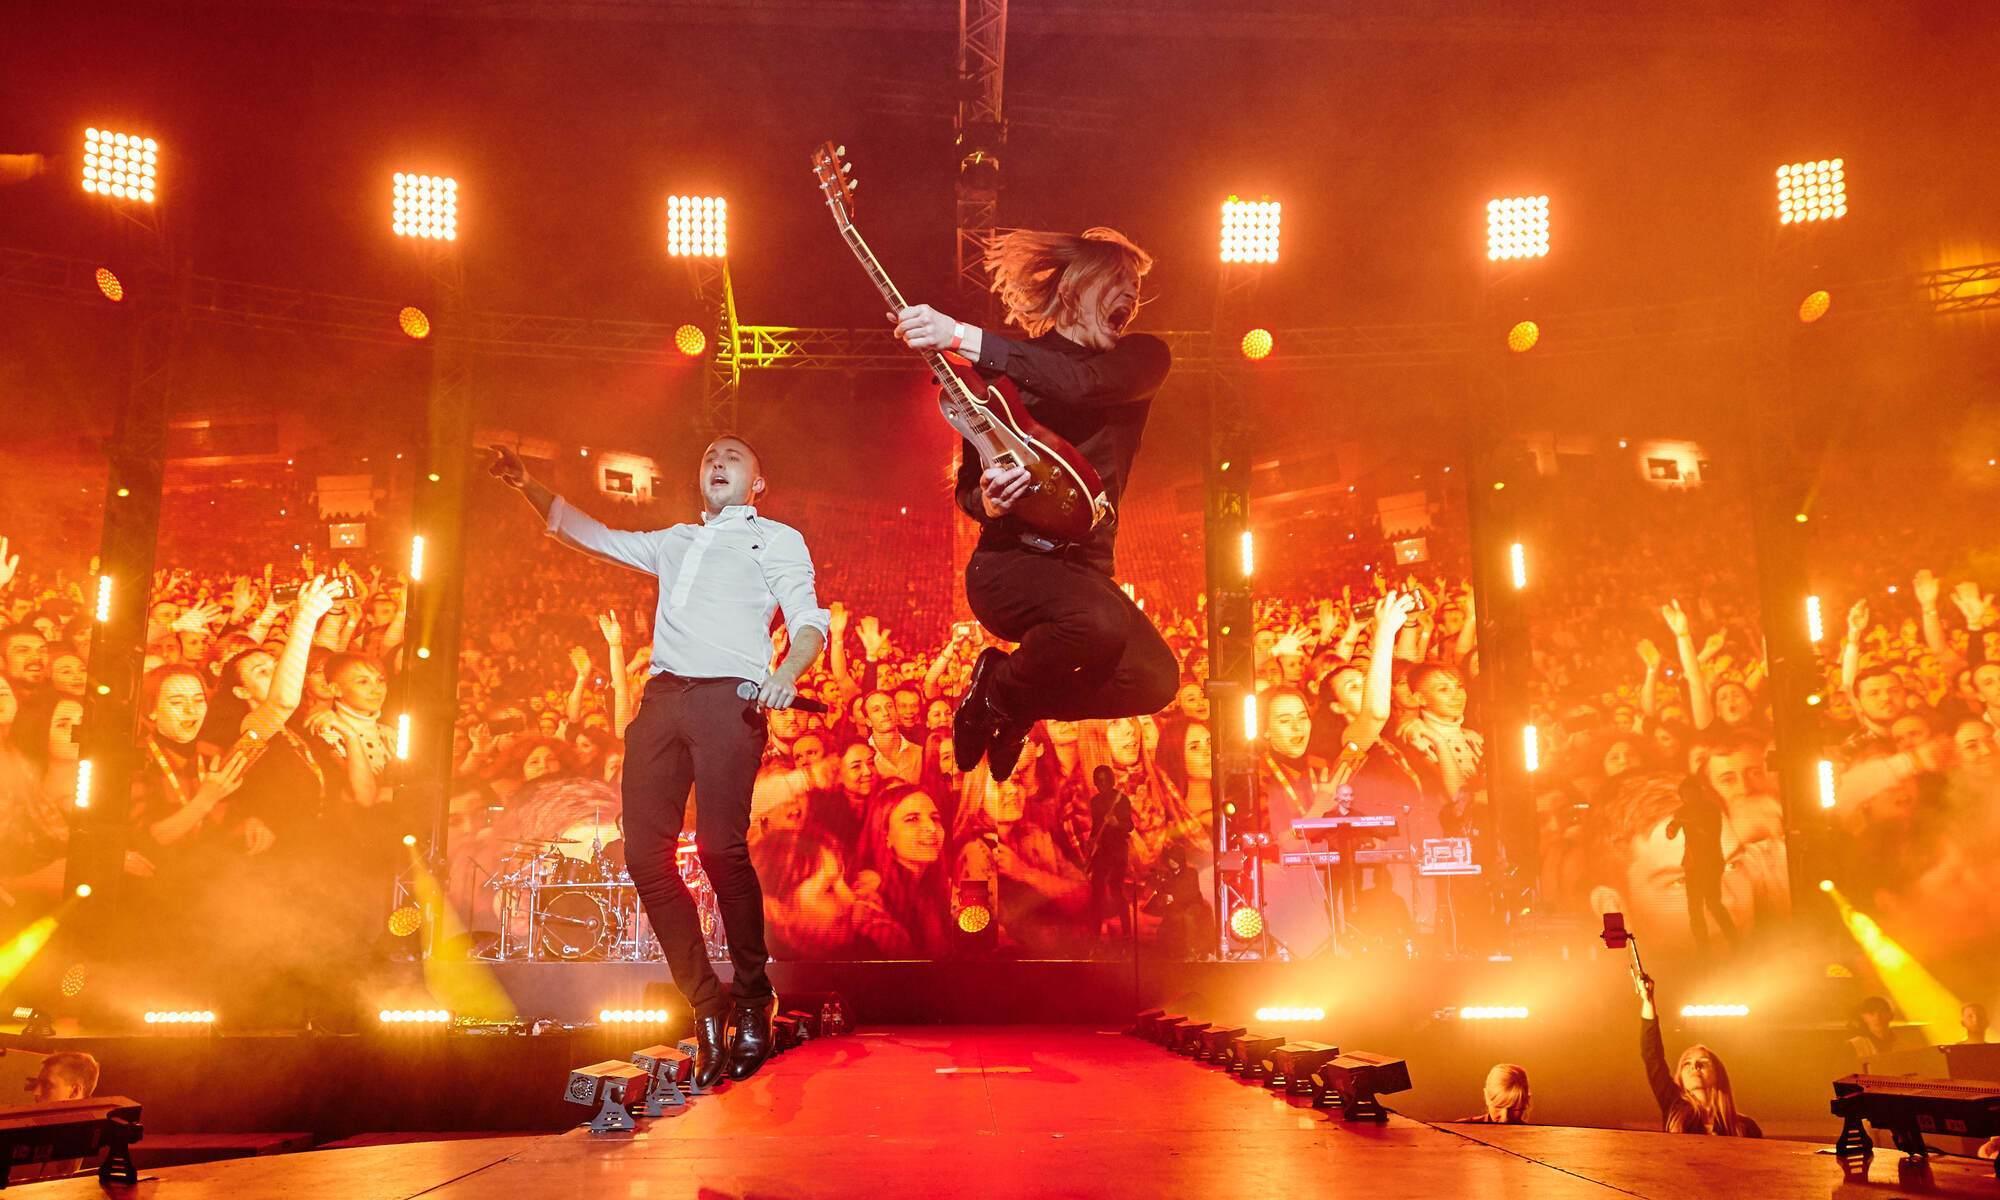 """""""Антитела"""" открыли для себя новых молодых музыкантов, которым дают возможность выступить с ними на стадионах"""